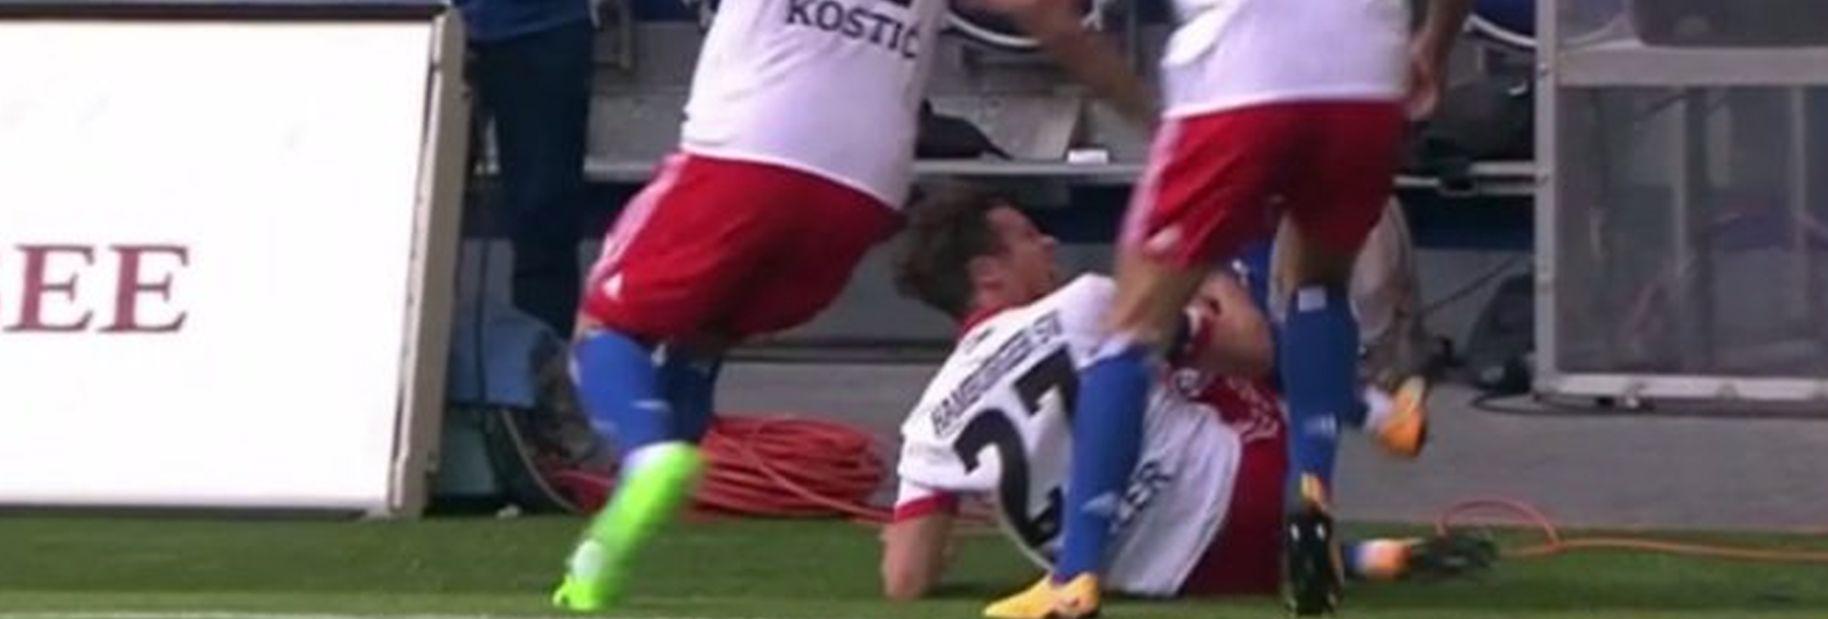 VIDEO: E TAKO SE (NE) SLAVI Dao gol i polomio ligamente u gležnju i koljenu